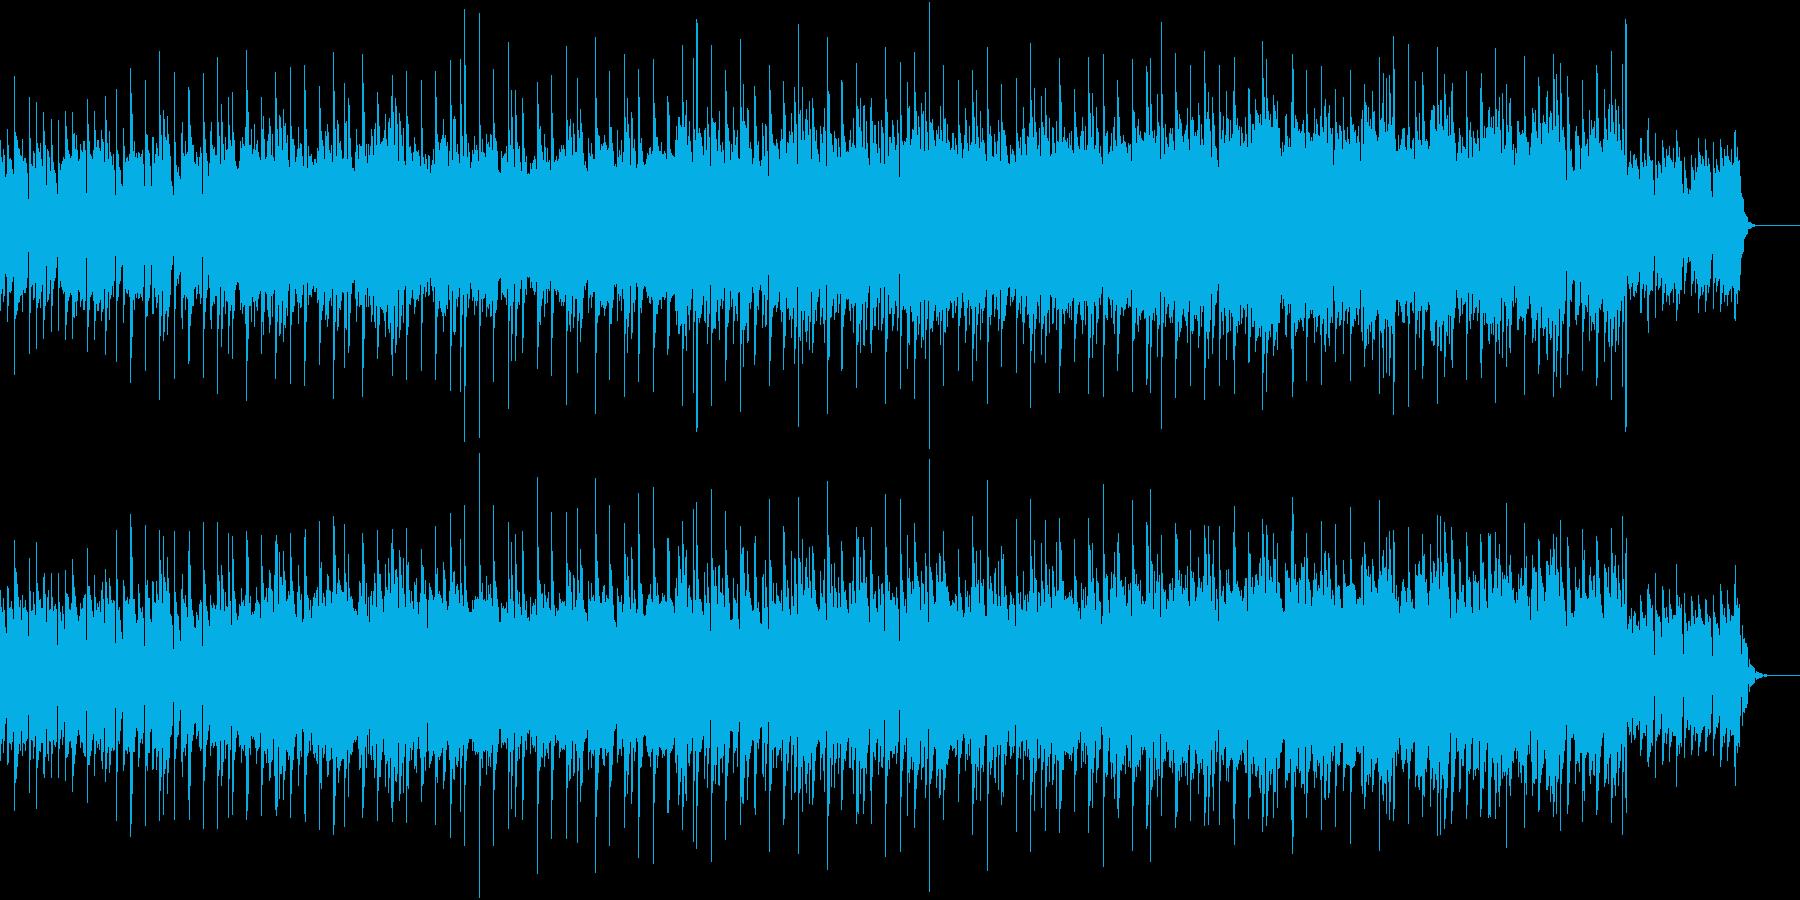 ギターとピアノが切ない旋律を奏でるBGMの再生済みの波形